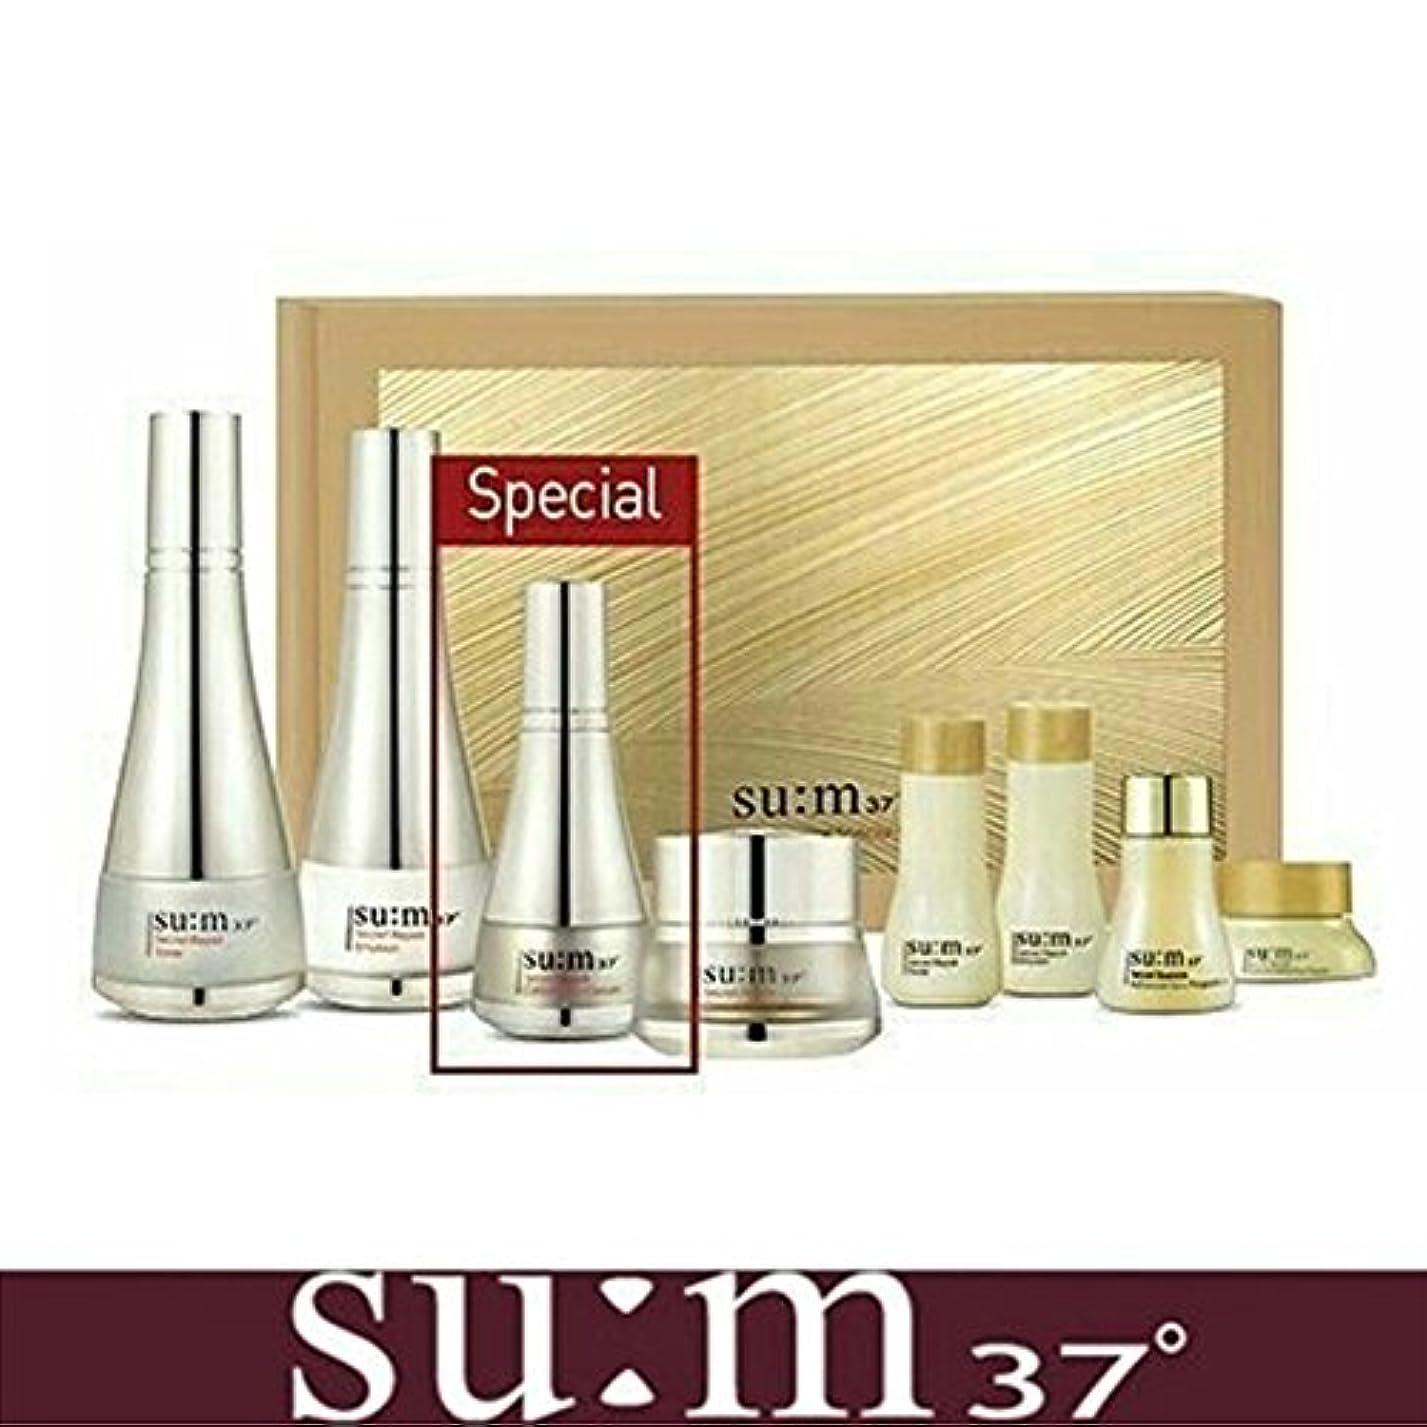 略すバーチャル基礎理論[su:m37/スム37°] SUM37 Secret Repair 3pcs Special Skincare Set / シークレットリペア3種セット+[Sample Gift](海外直送品)